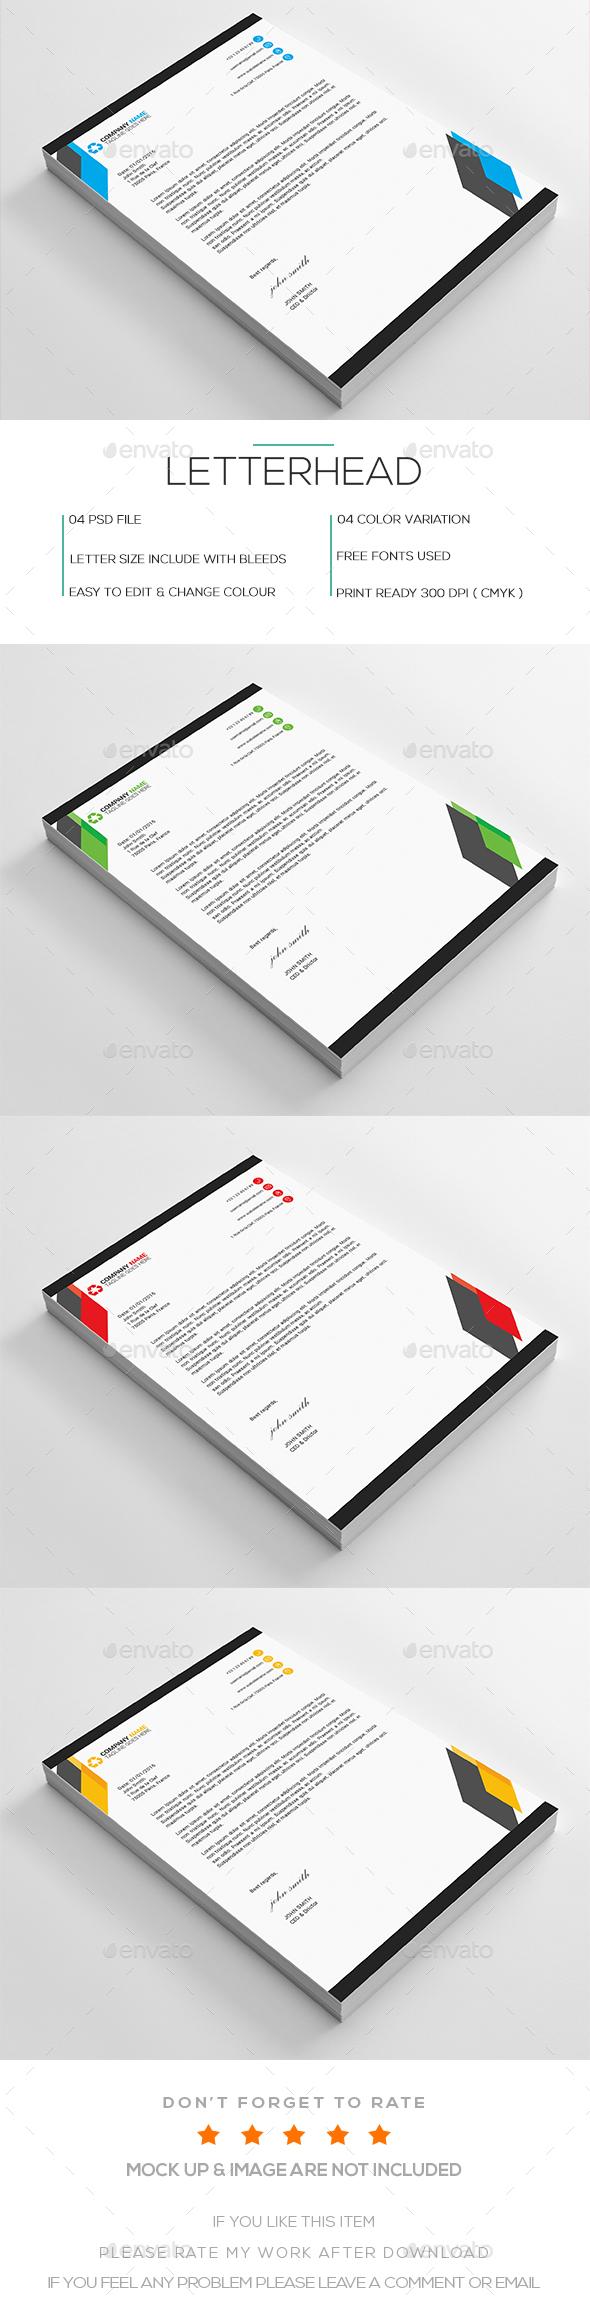 Letterhead Design Template Psd  Letterhead Design Templates